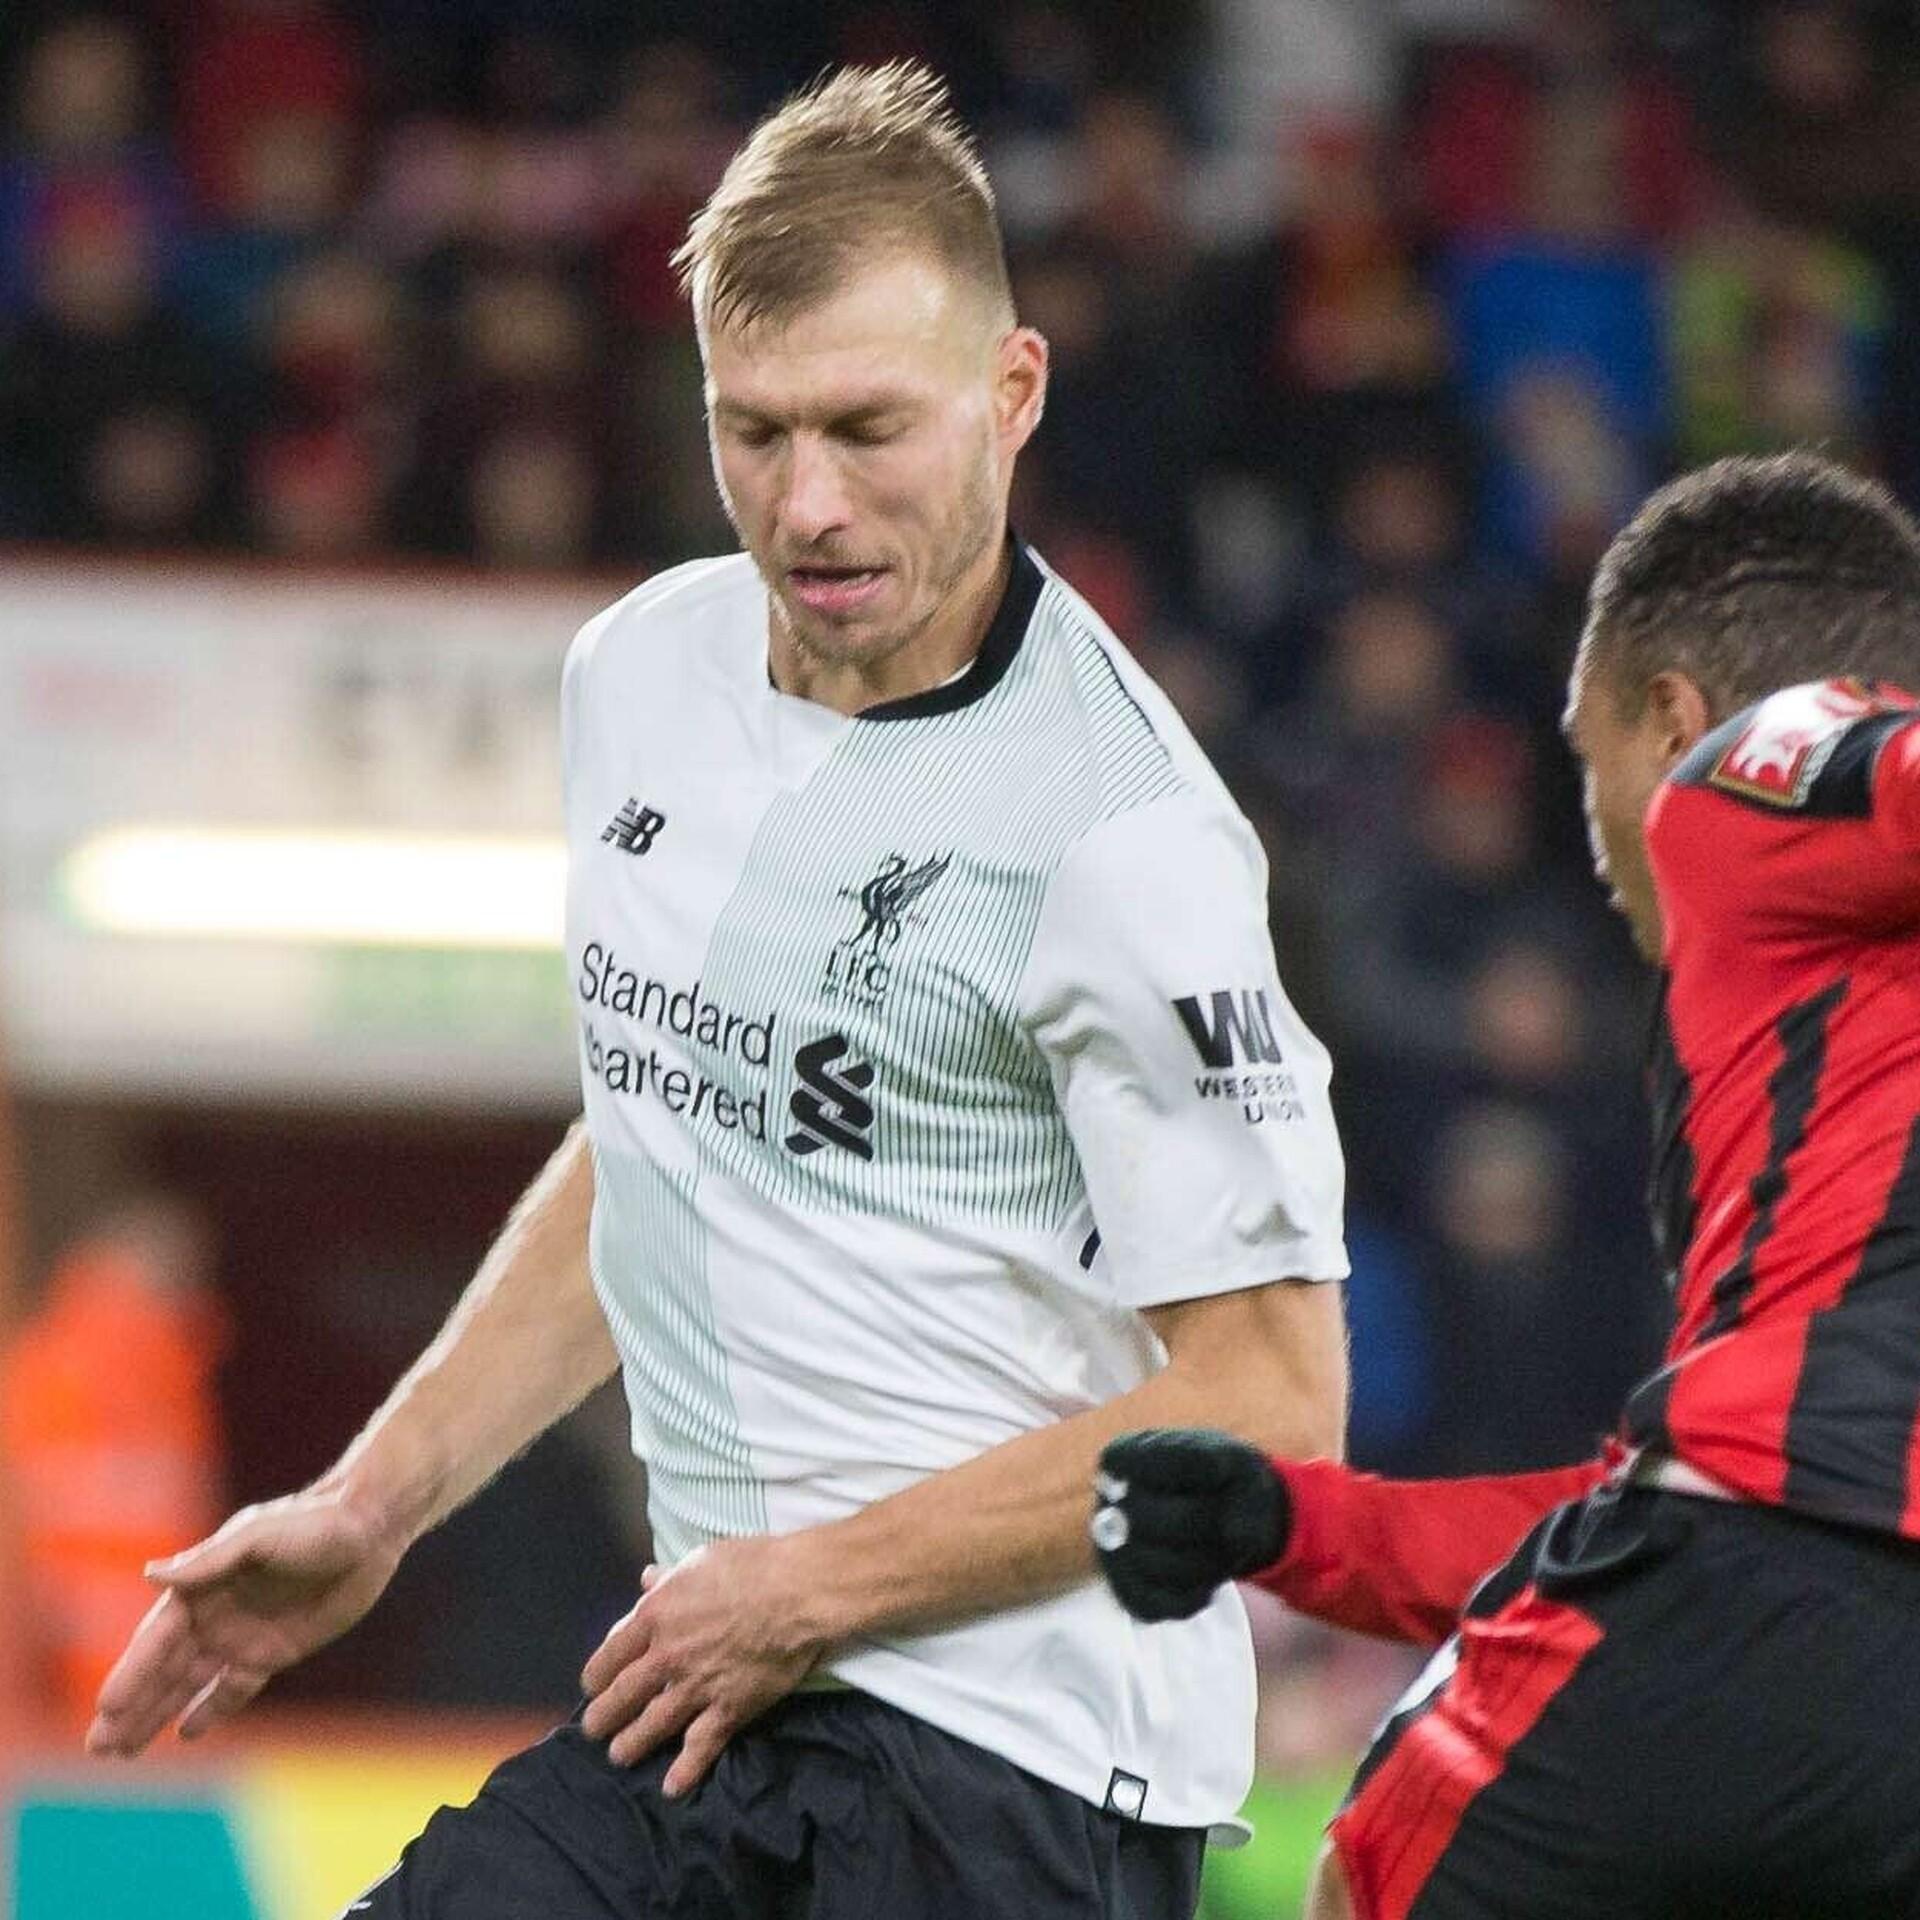 5fffd9f7b0d Eesti jalgpallurid välismaal: Klavanile ja Liverpoolile võit ja viik    Jalgpall   ERR